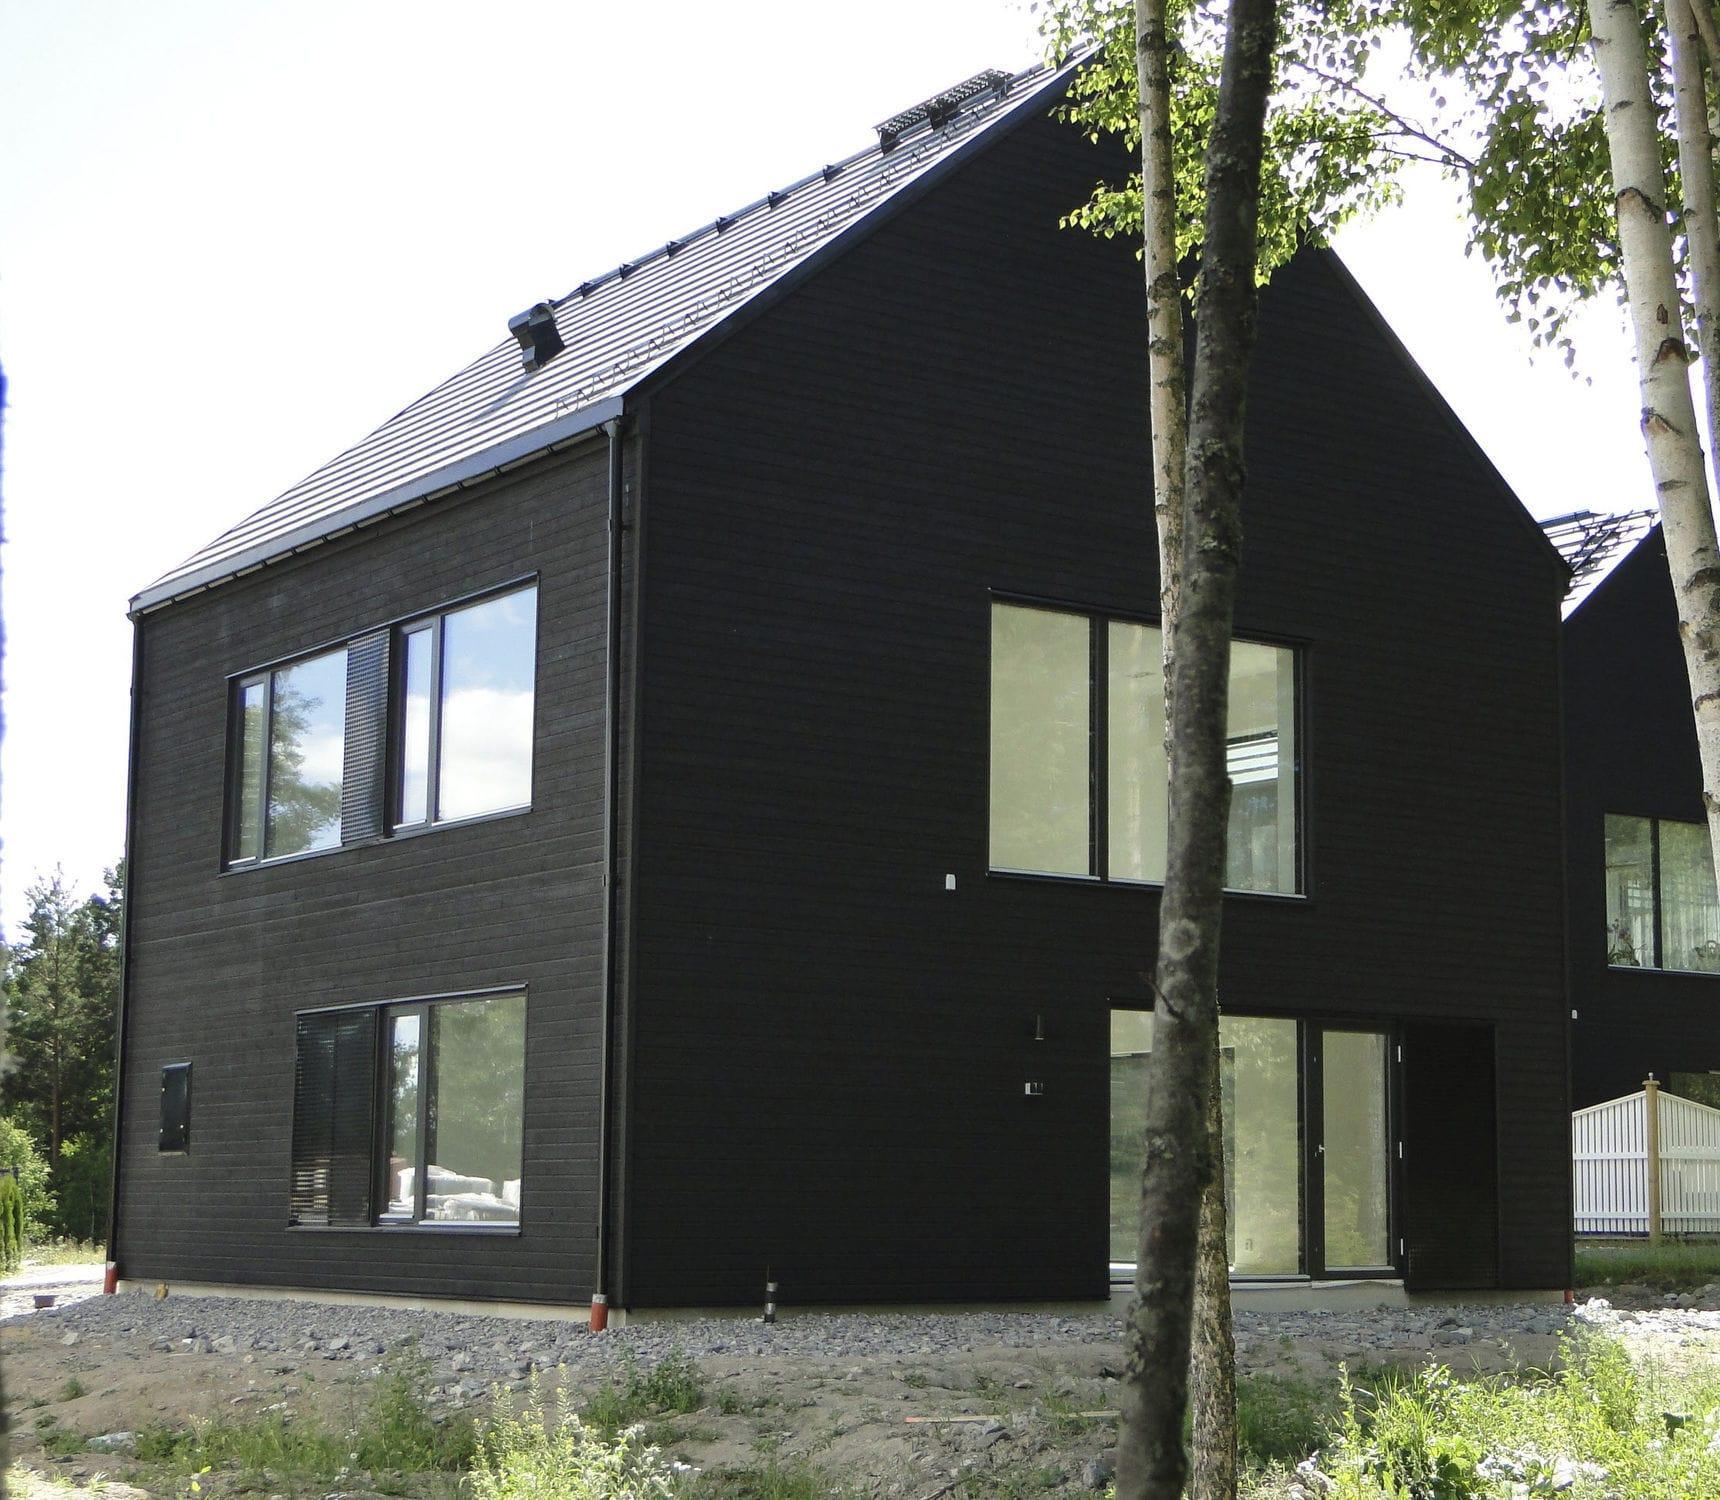 Maison Ossature Bois Suede maison préfabriquée / contemporaine / à ossature bois / à 2